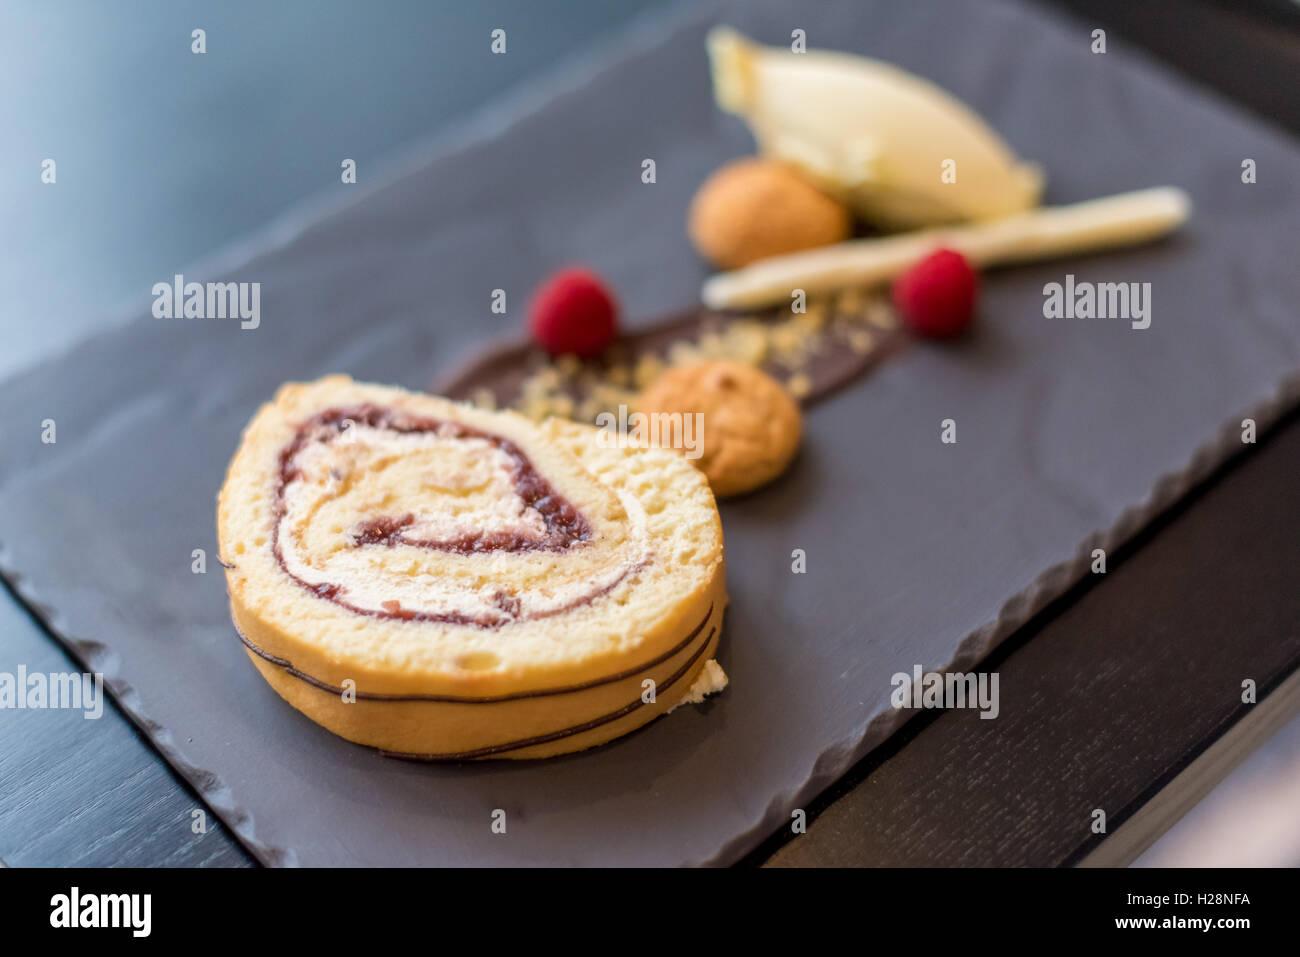 Un rotolo svizzero spugna con dessert gelati su un sfondo di ardesia Immagini Stock